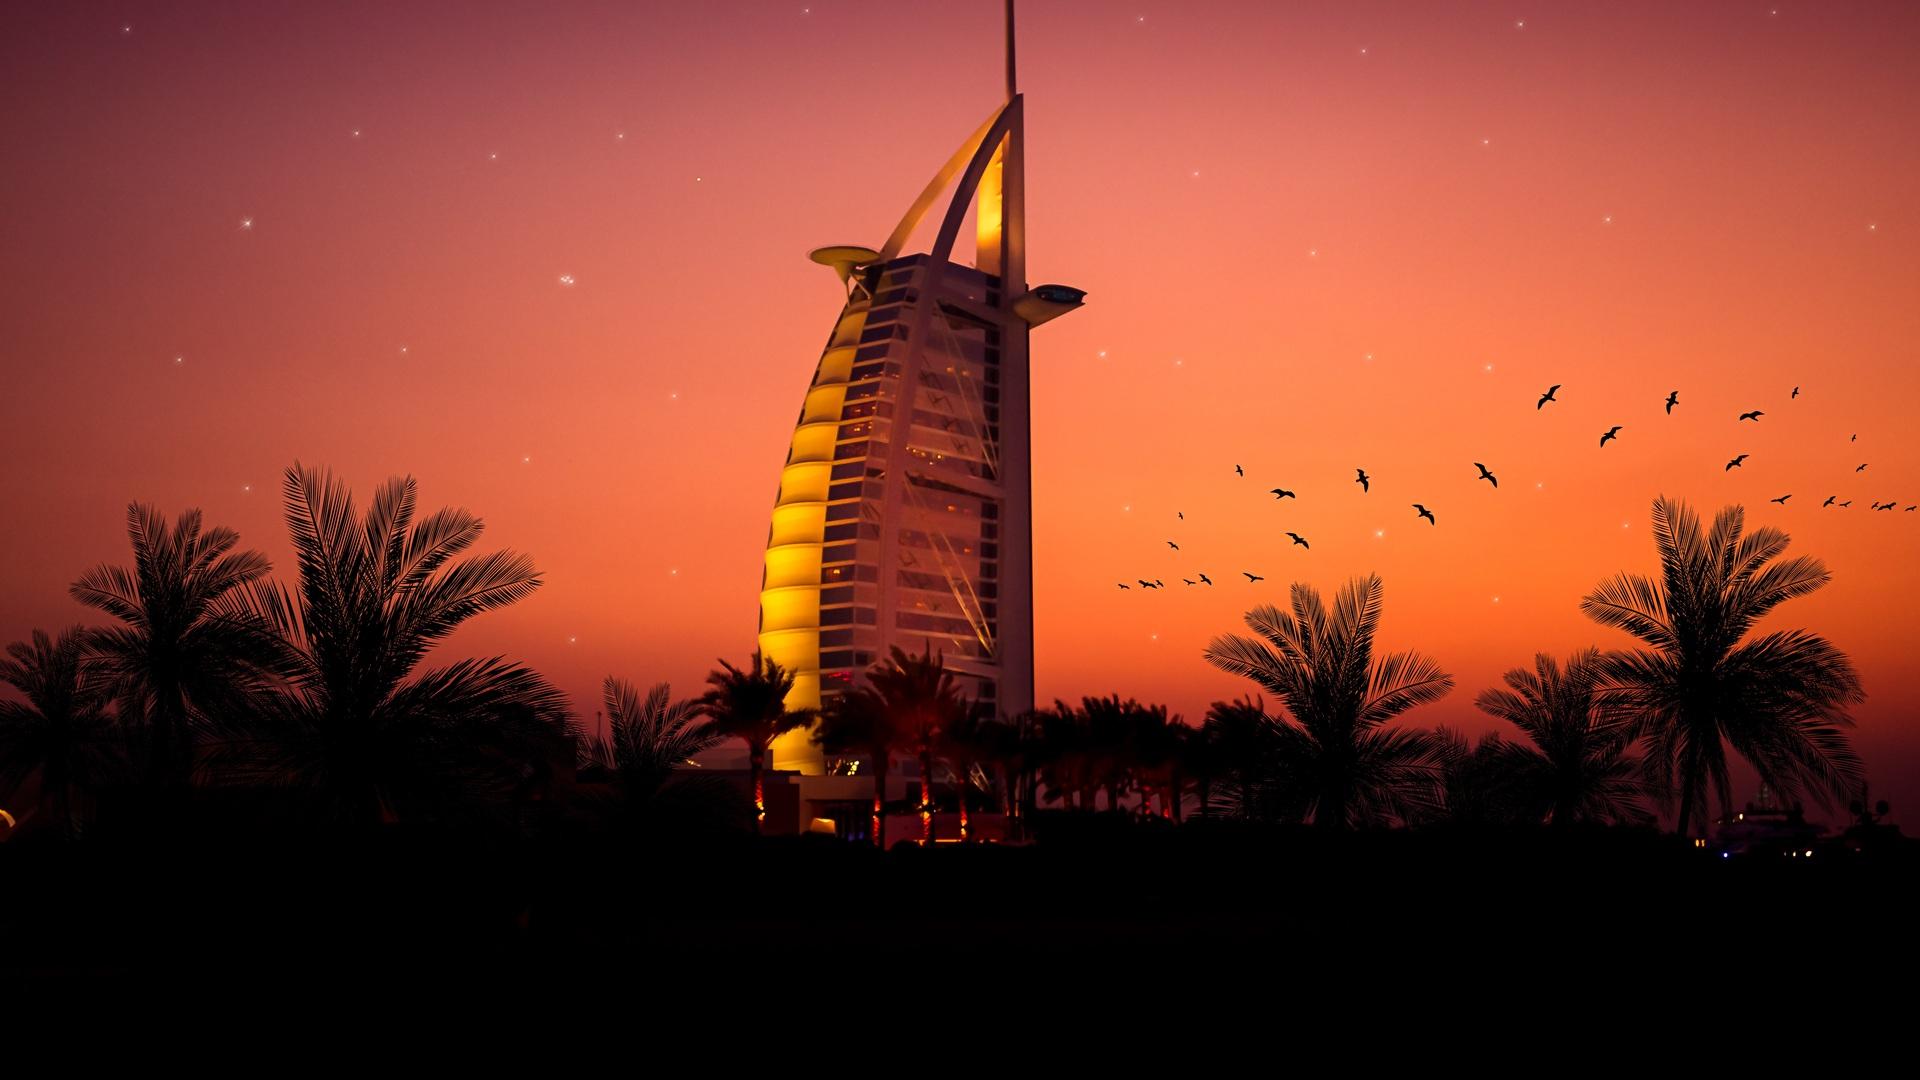 1920x1080 burj al arab laptop full hd 1080p hd 4k - Burj al arab wallpaper iphone ...